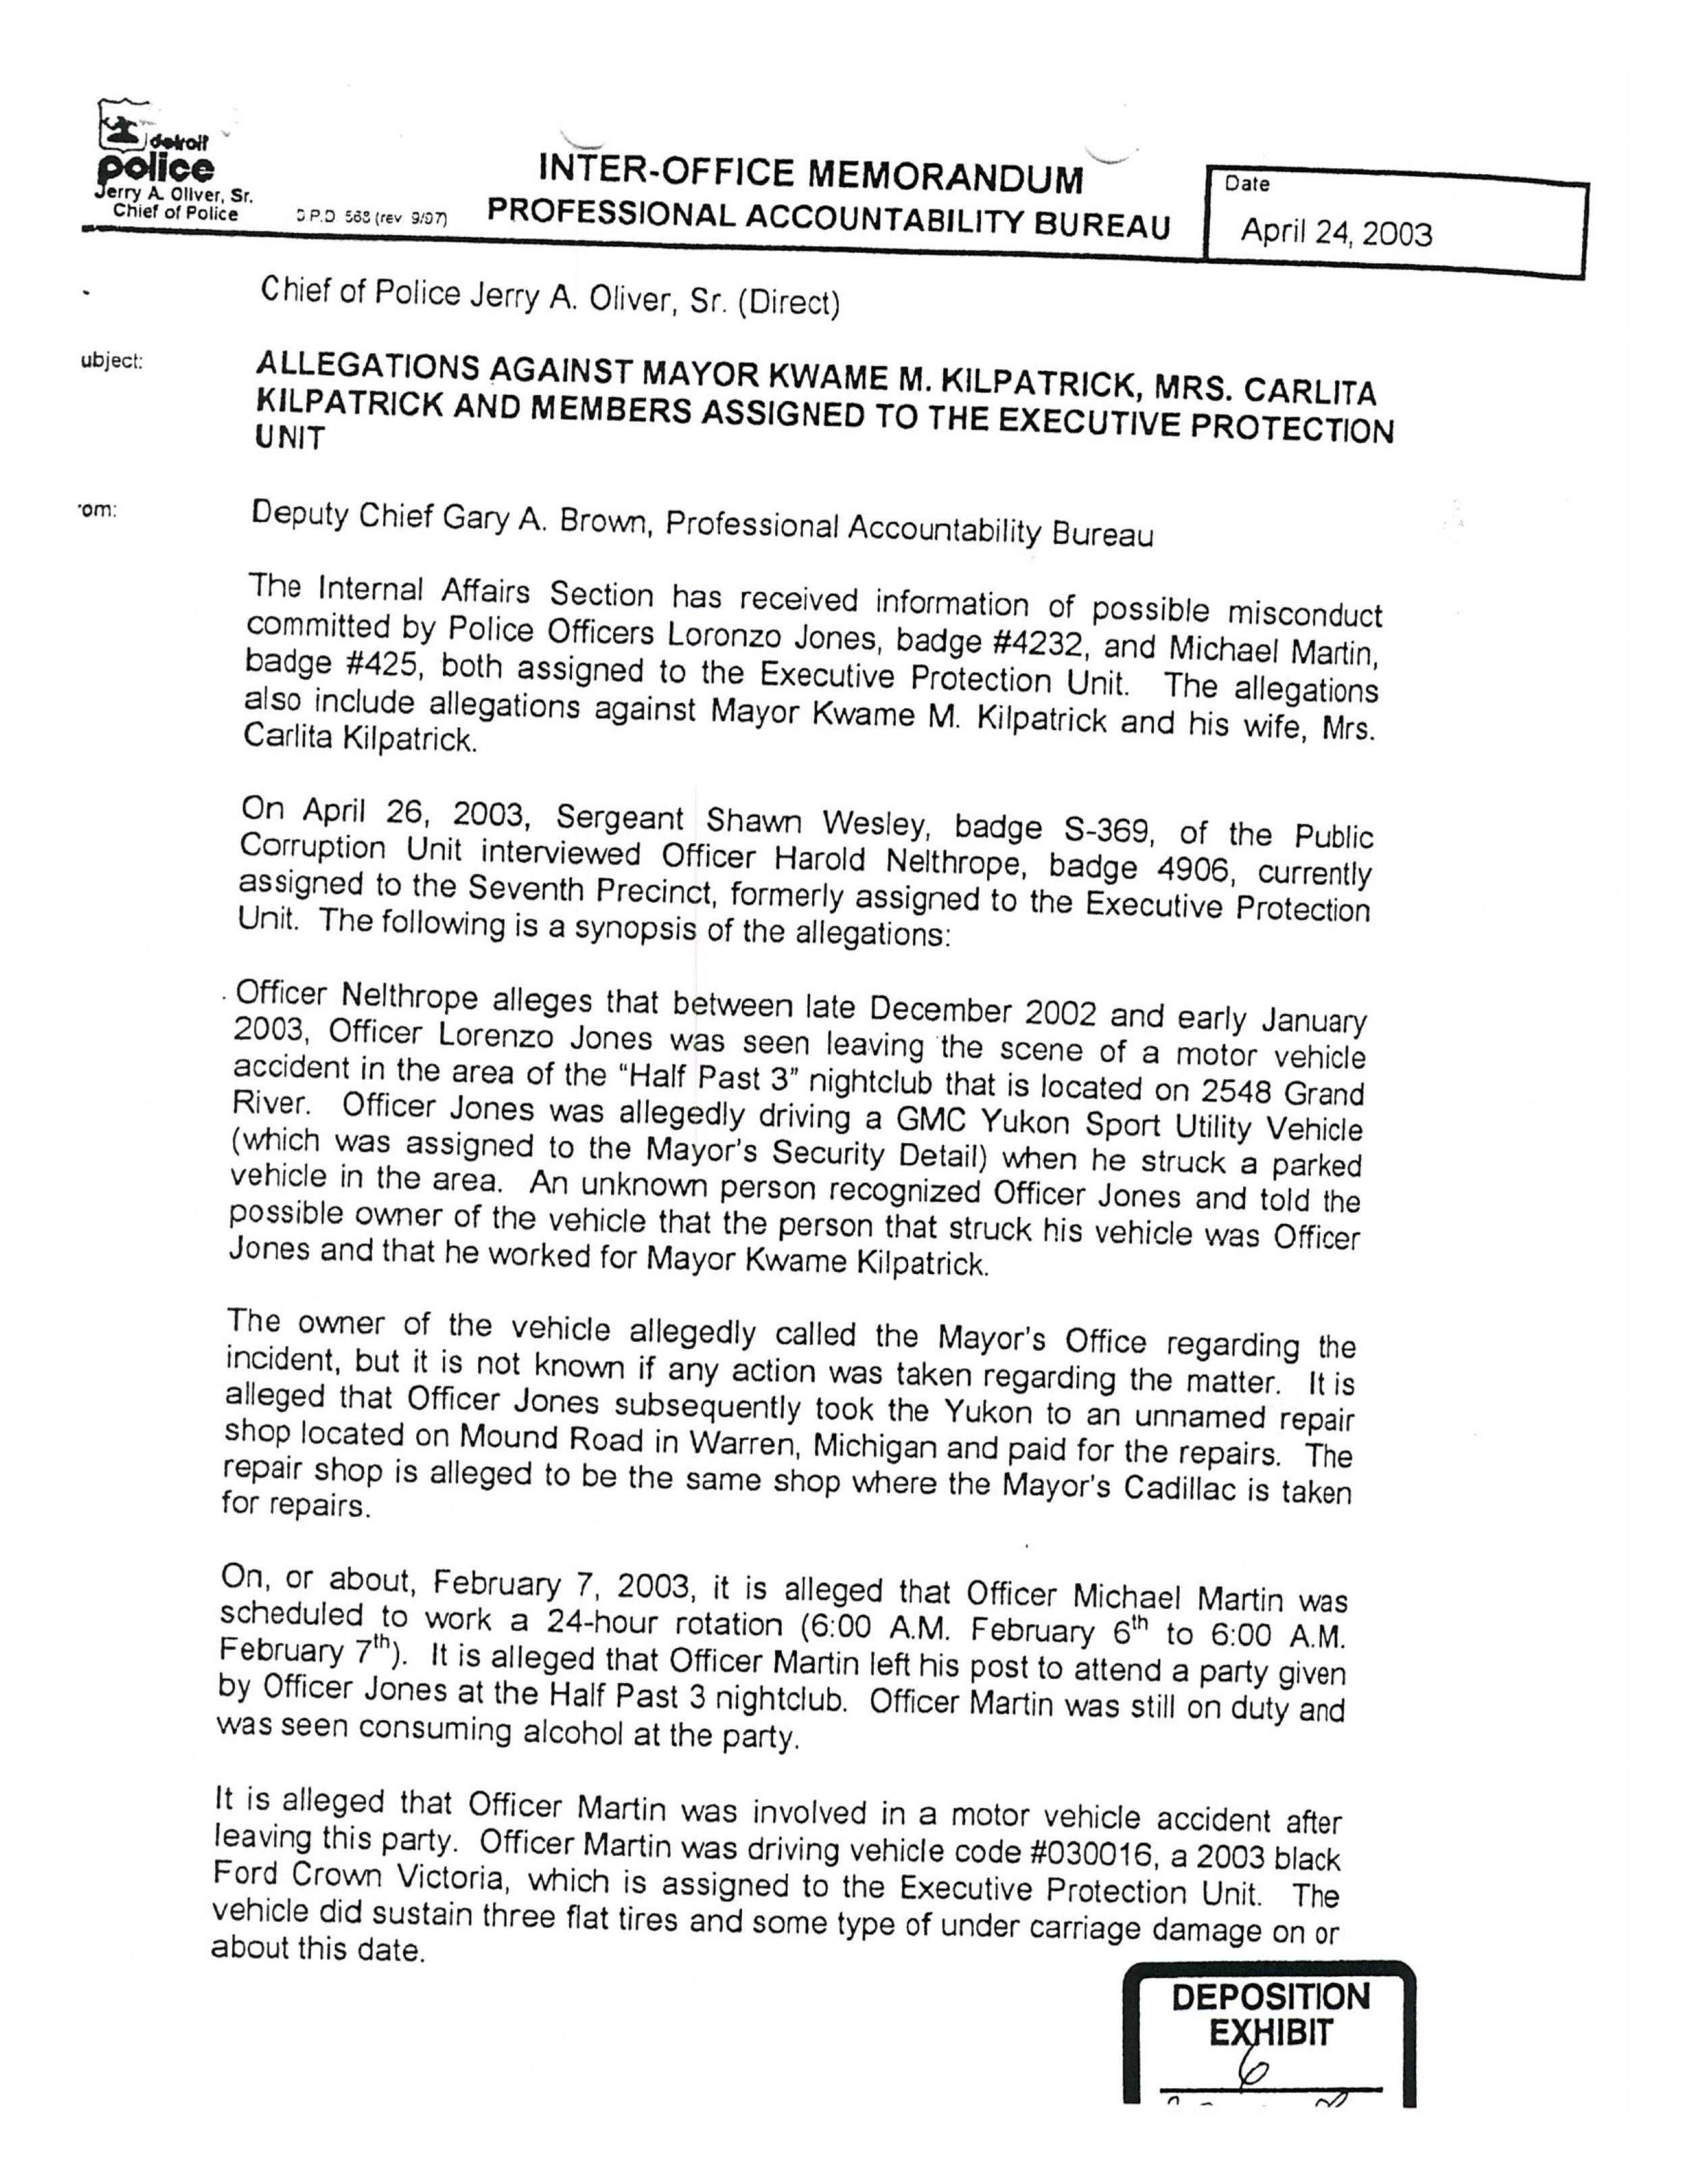 Kilpatrick Civil Suit Files_4.png